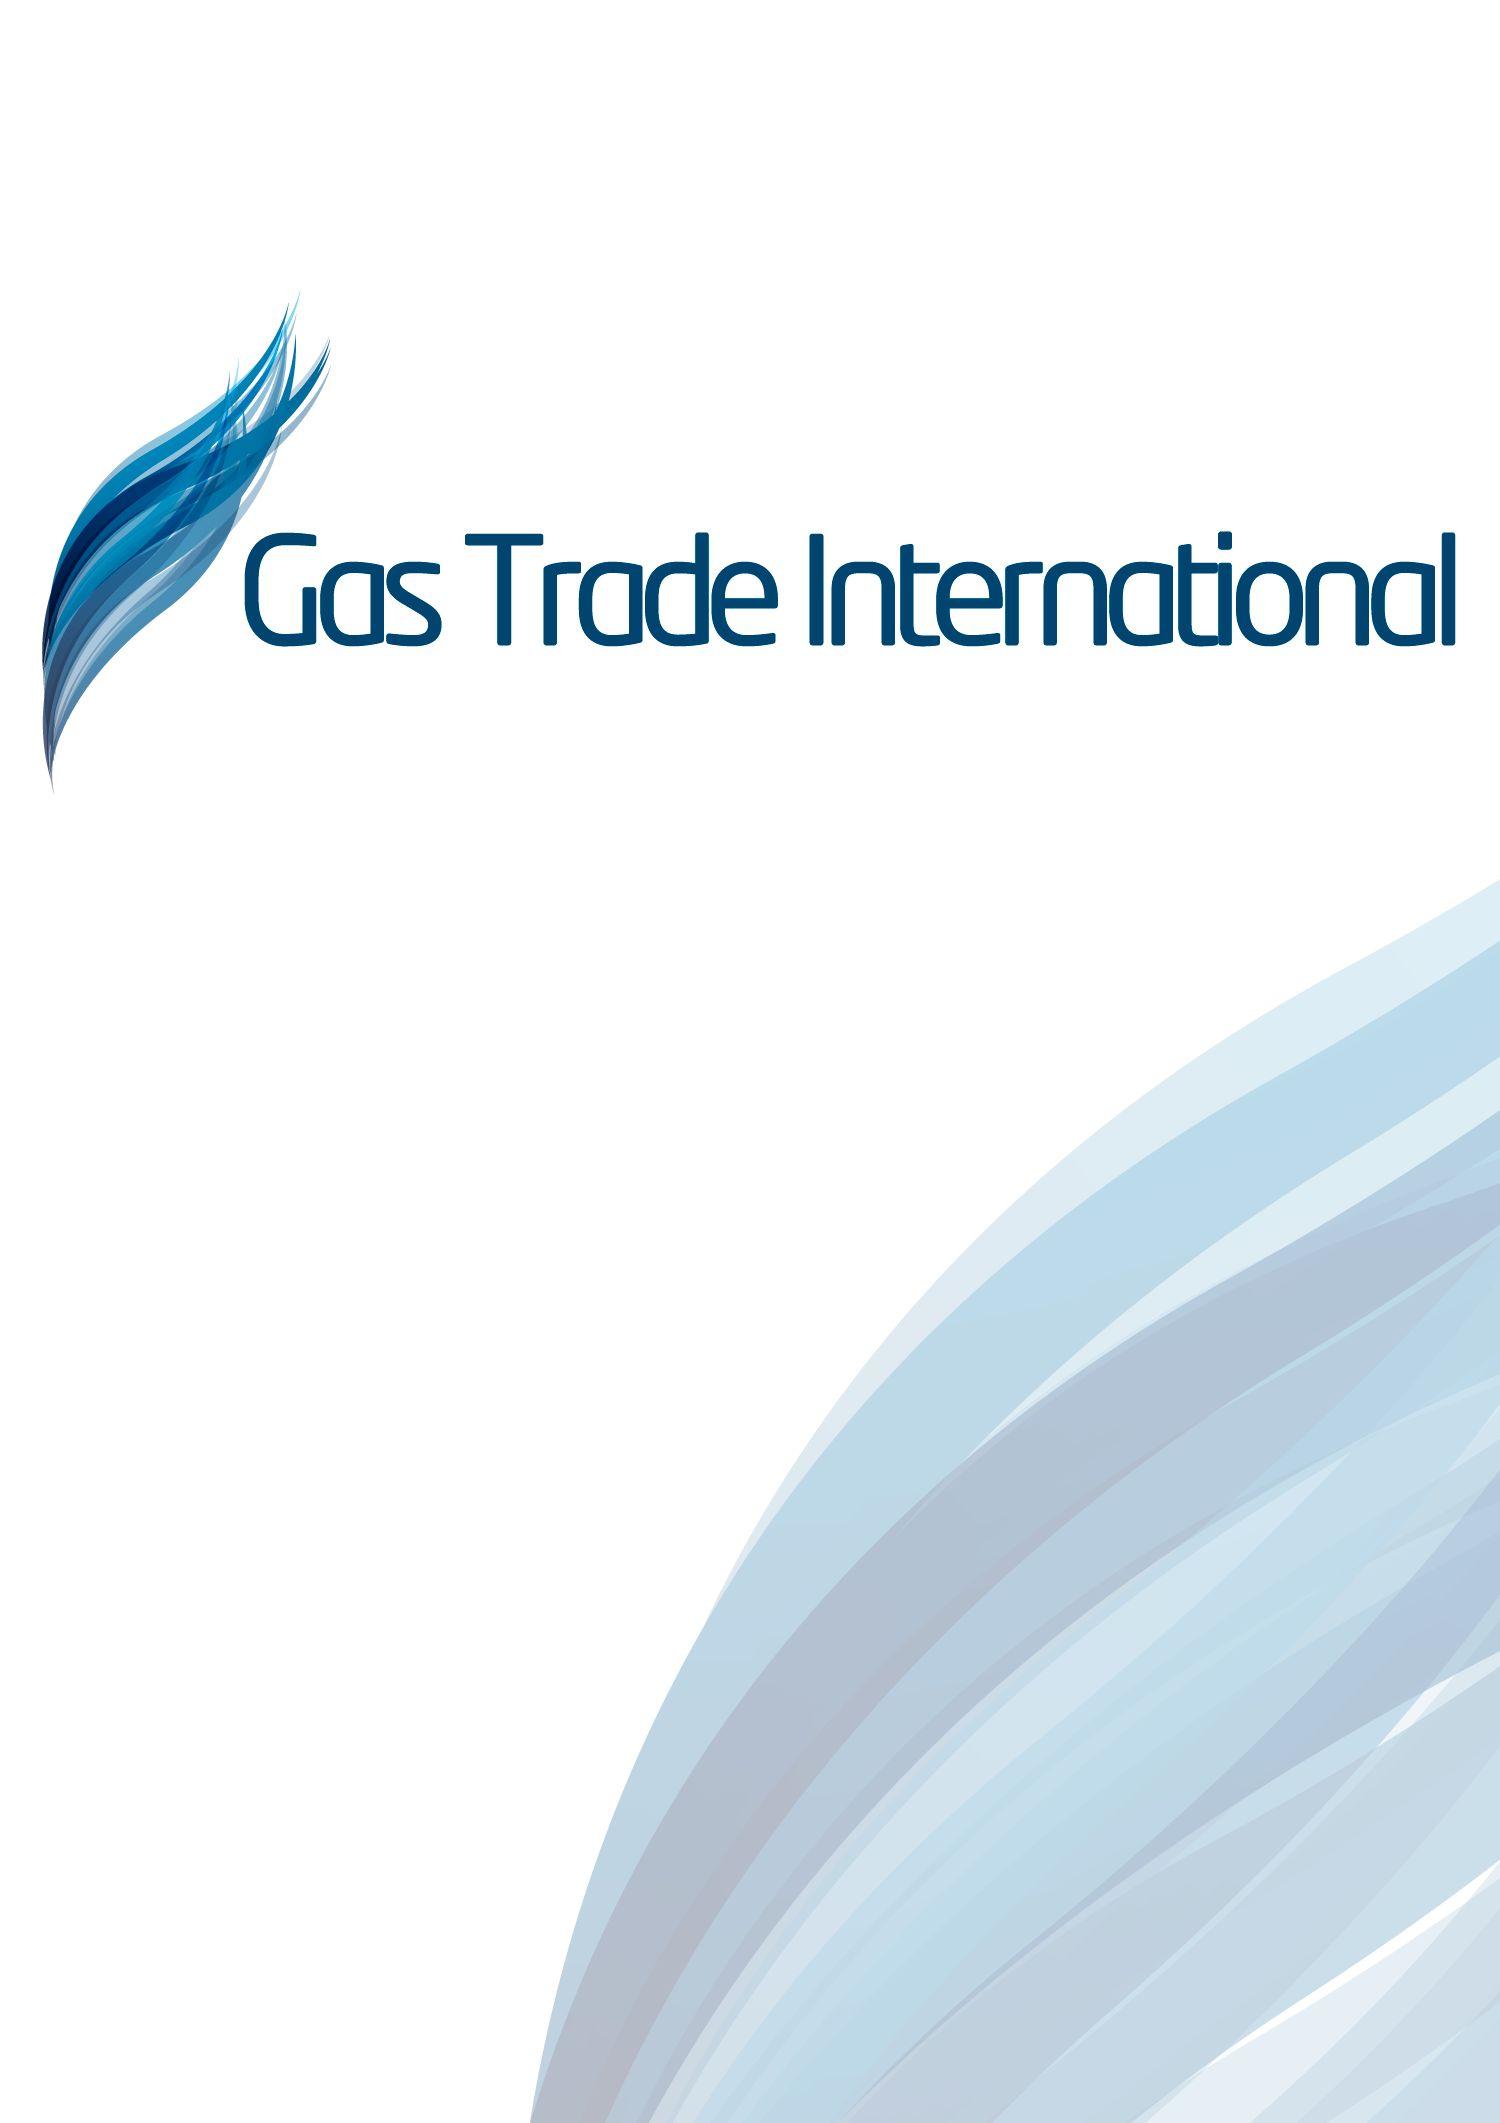 Компания торгующая природным газом - дизайнер seriksx